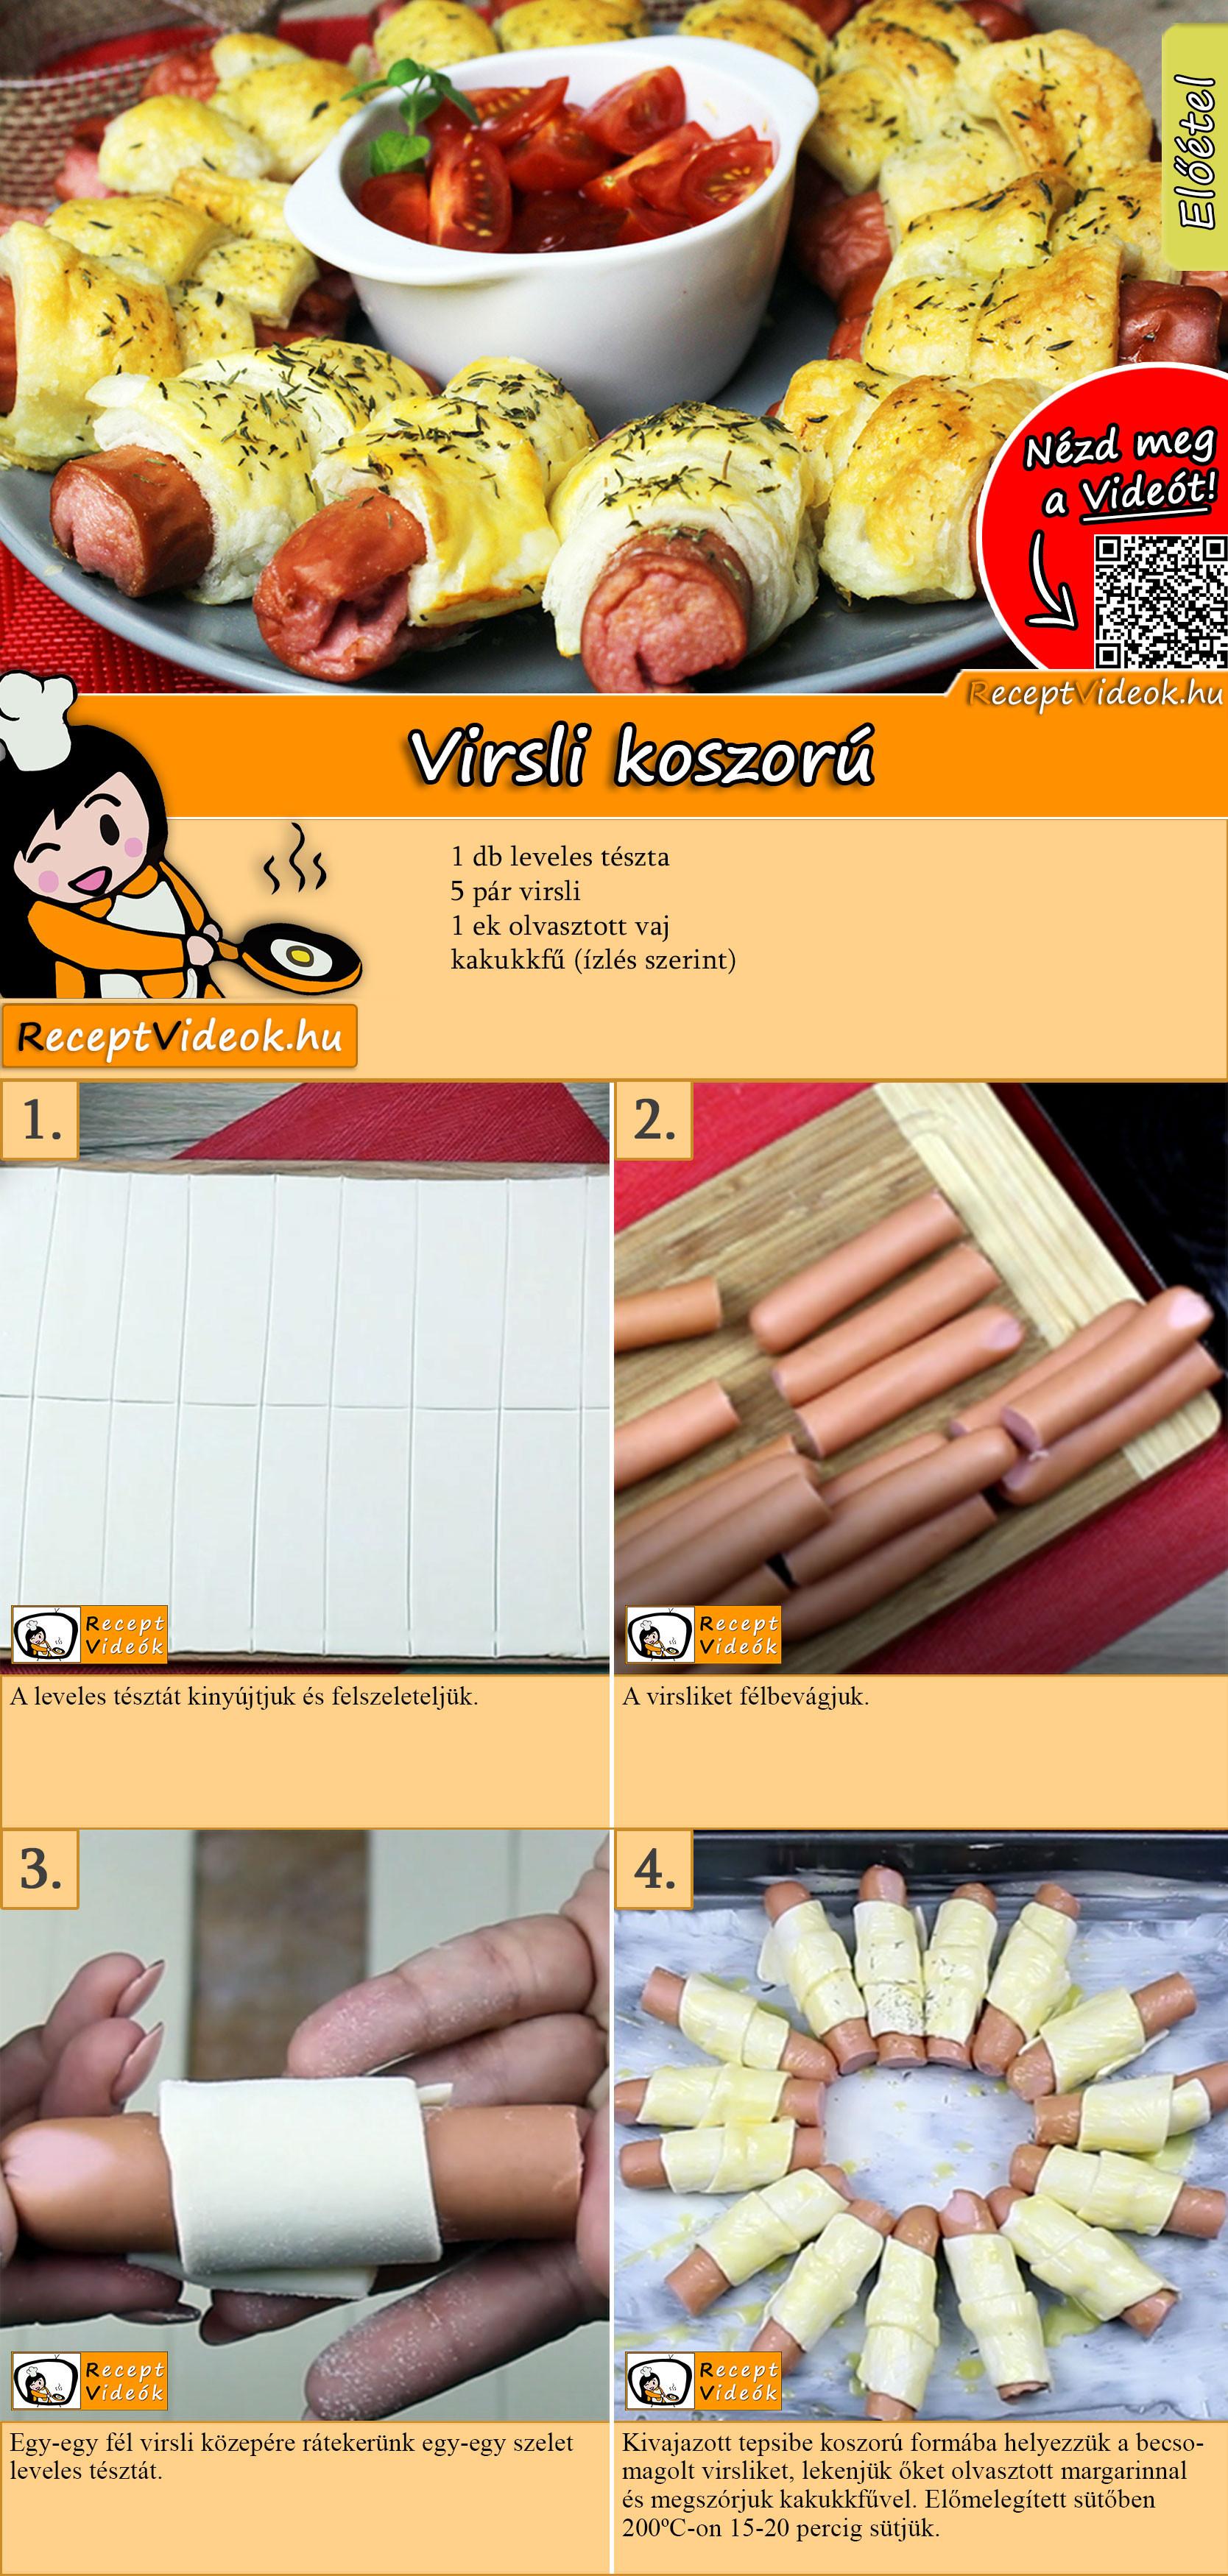 Virsli koszorú recept elkészítése videóval